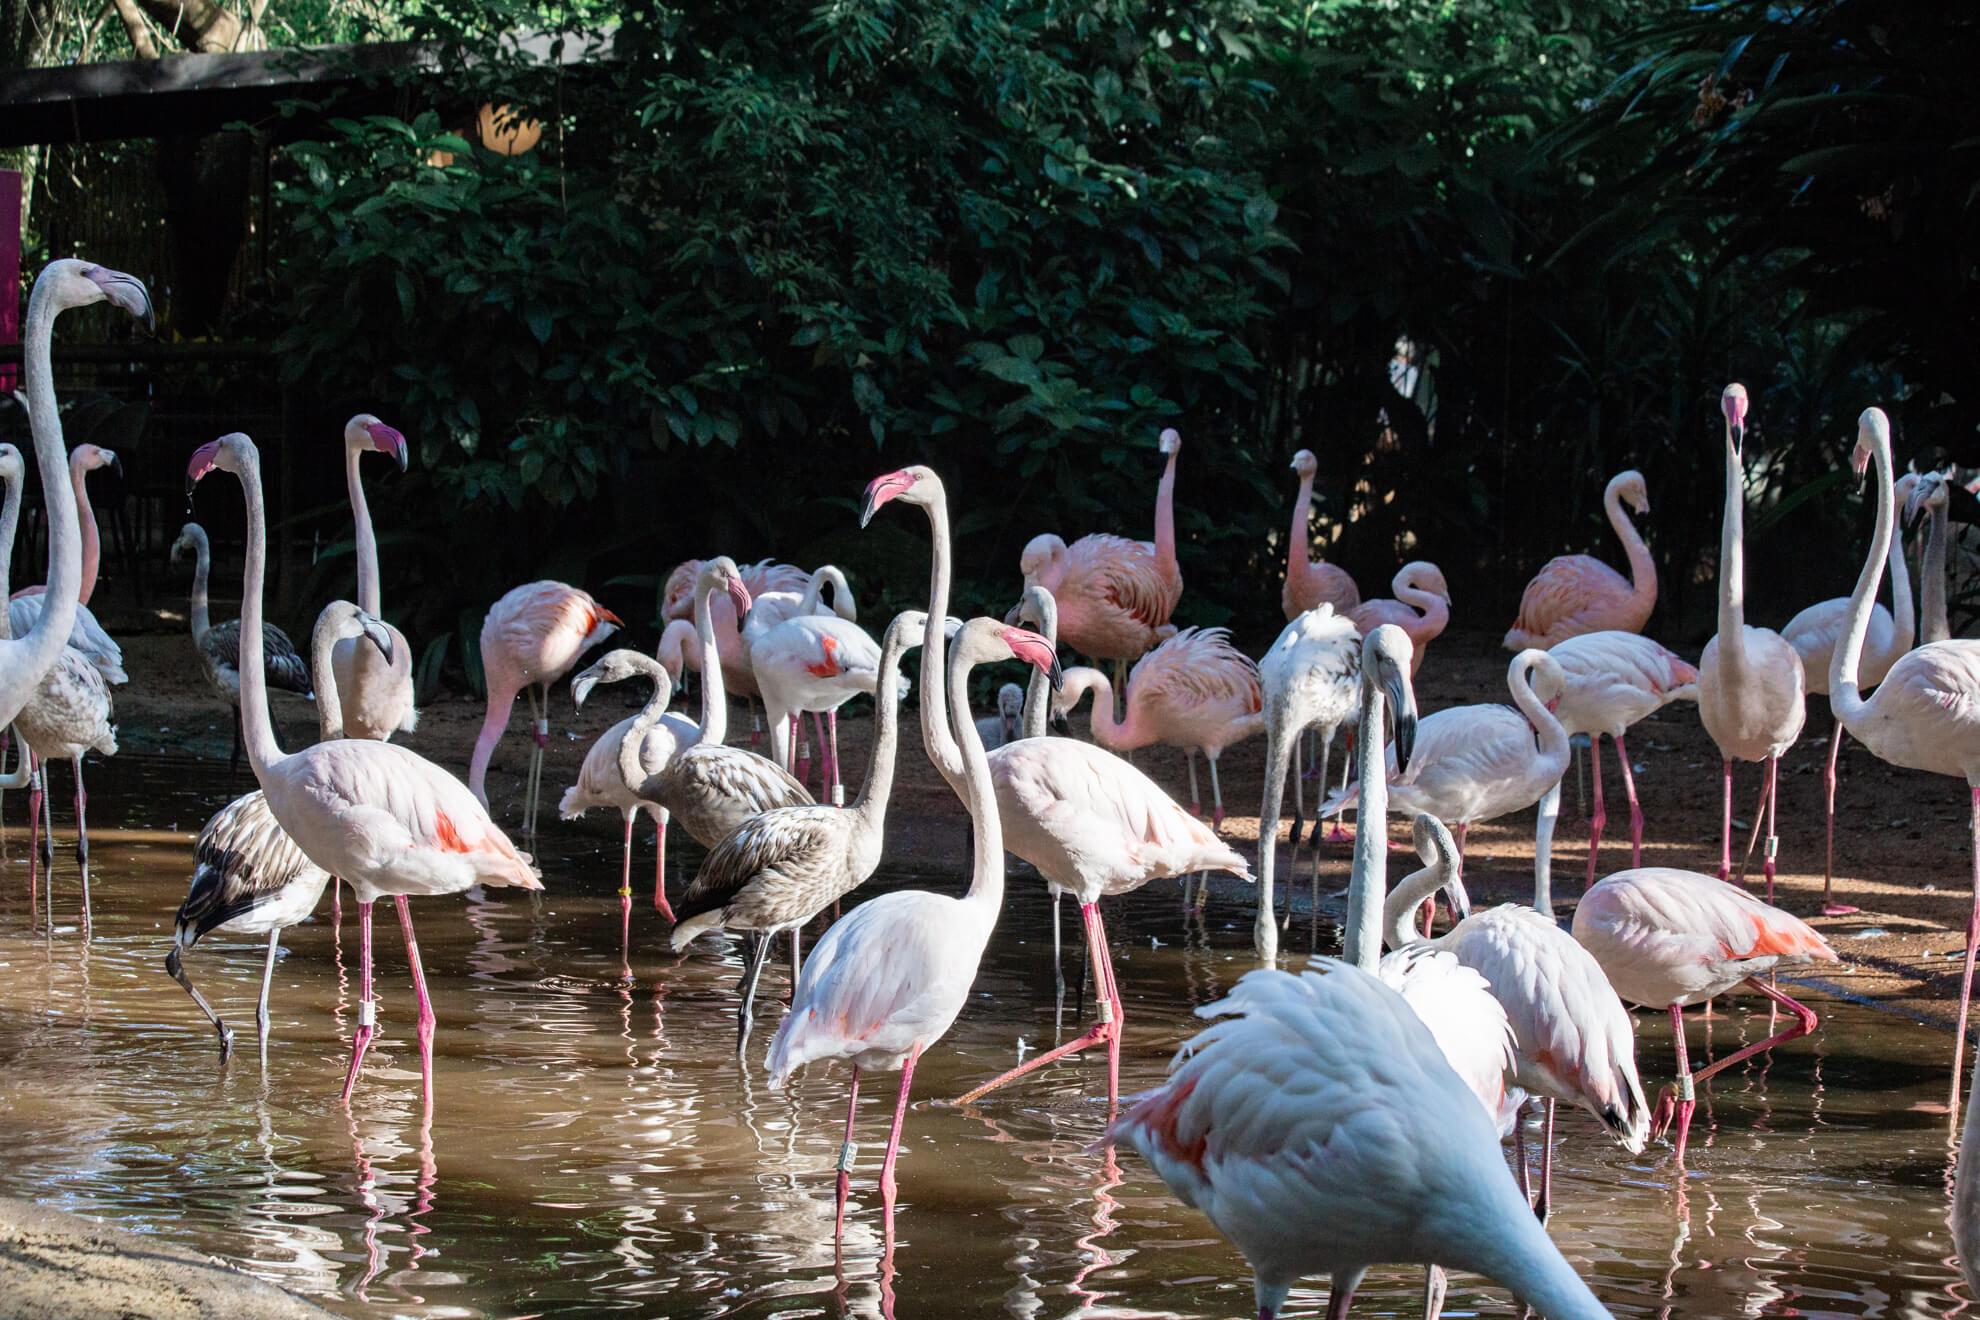 Parque das Aves, Foz do Iguaçu | viveiro dos flamingos